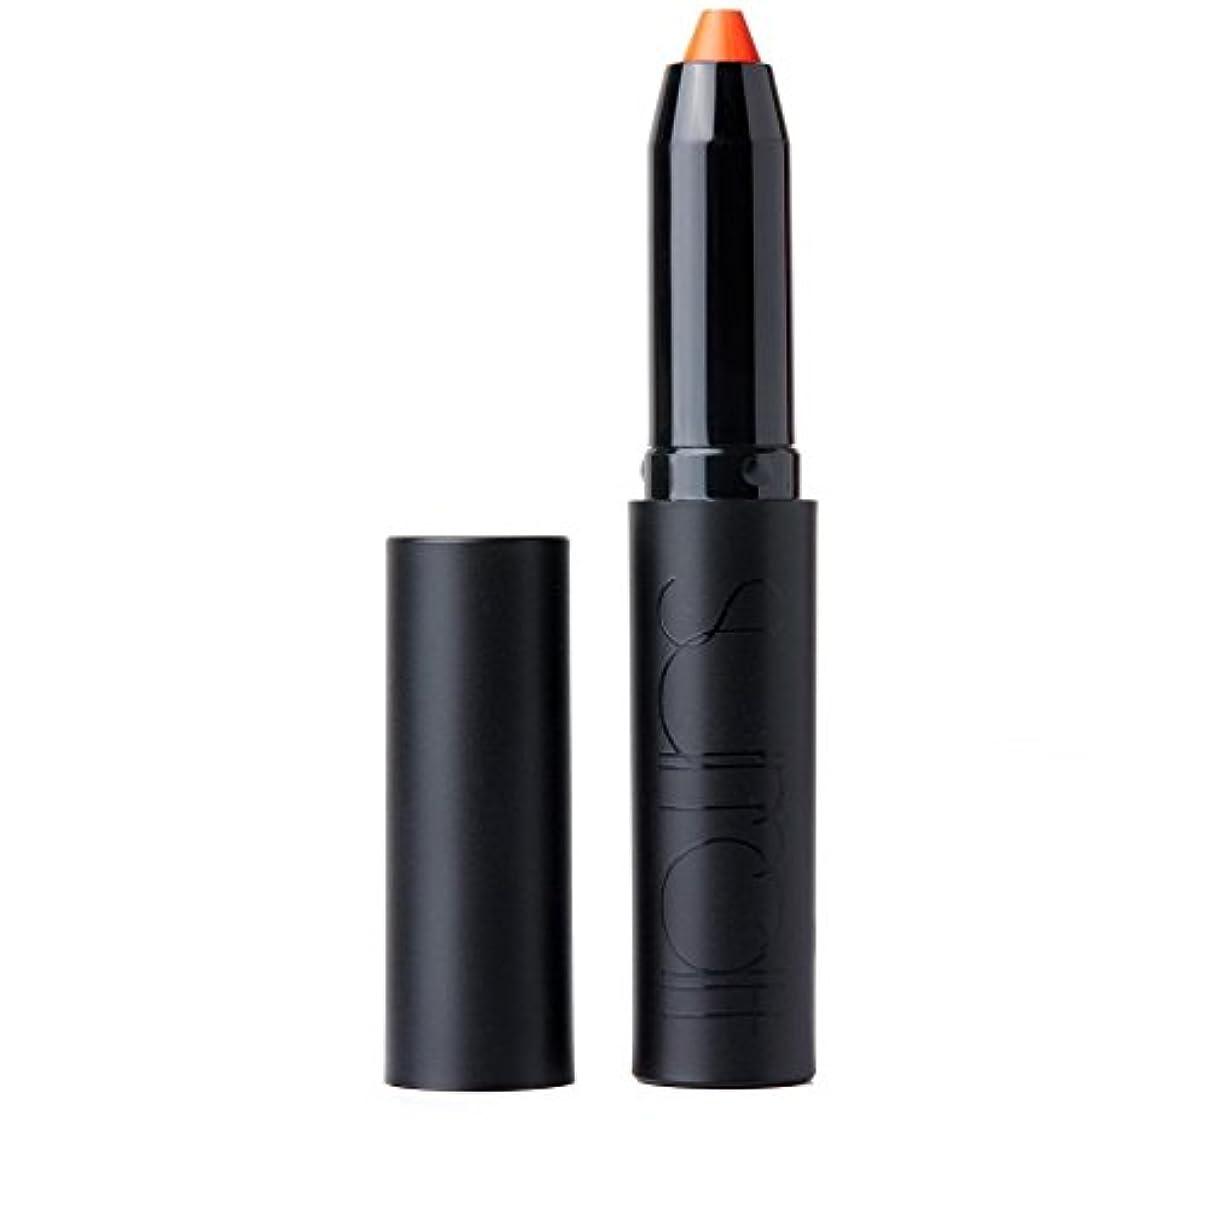 ロバペース一族リップクレヨン11クレメンタイン x4 - Surratt Lip Crayon 11 Clementine (Pack of 4) [並行輸入品]